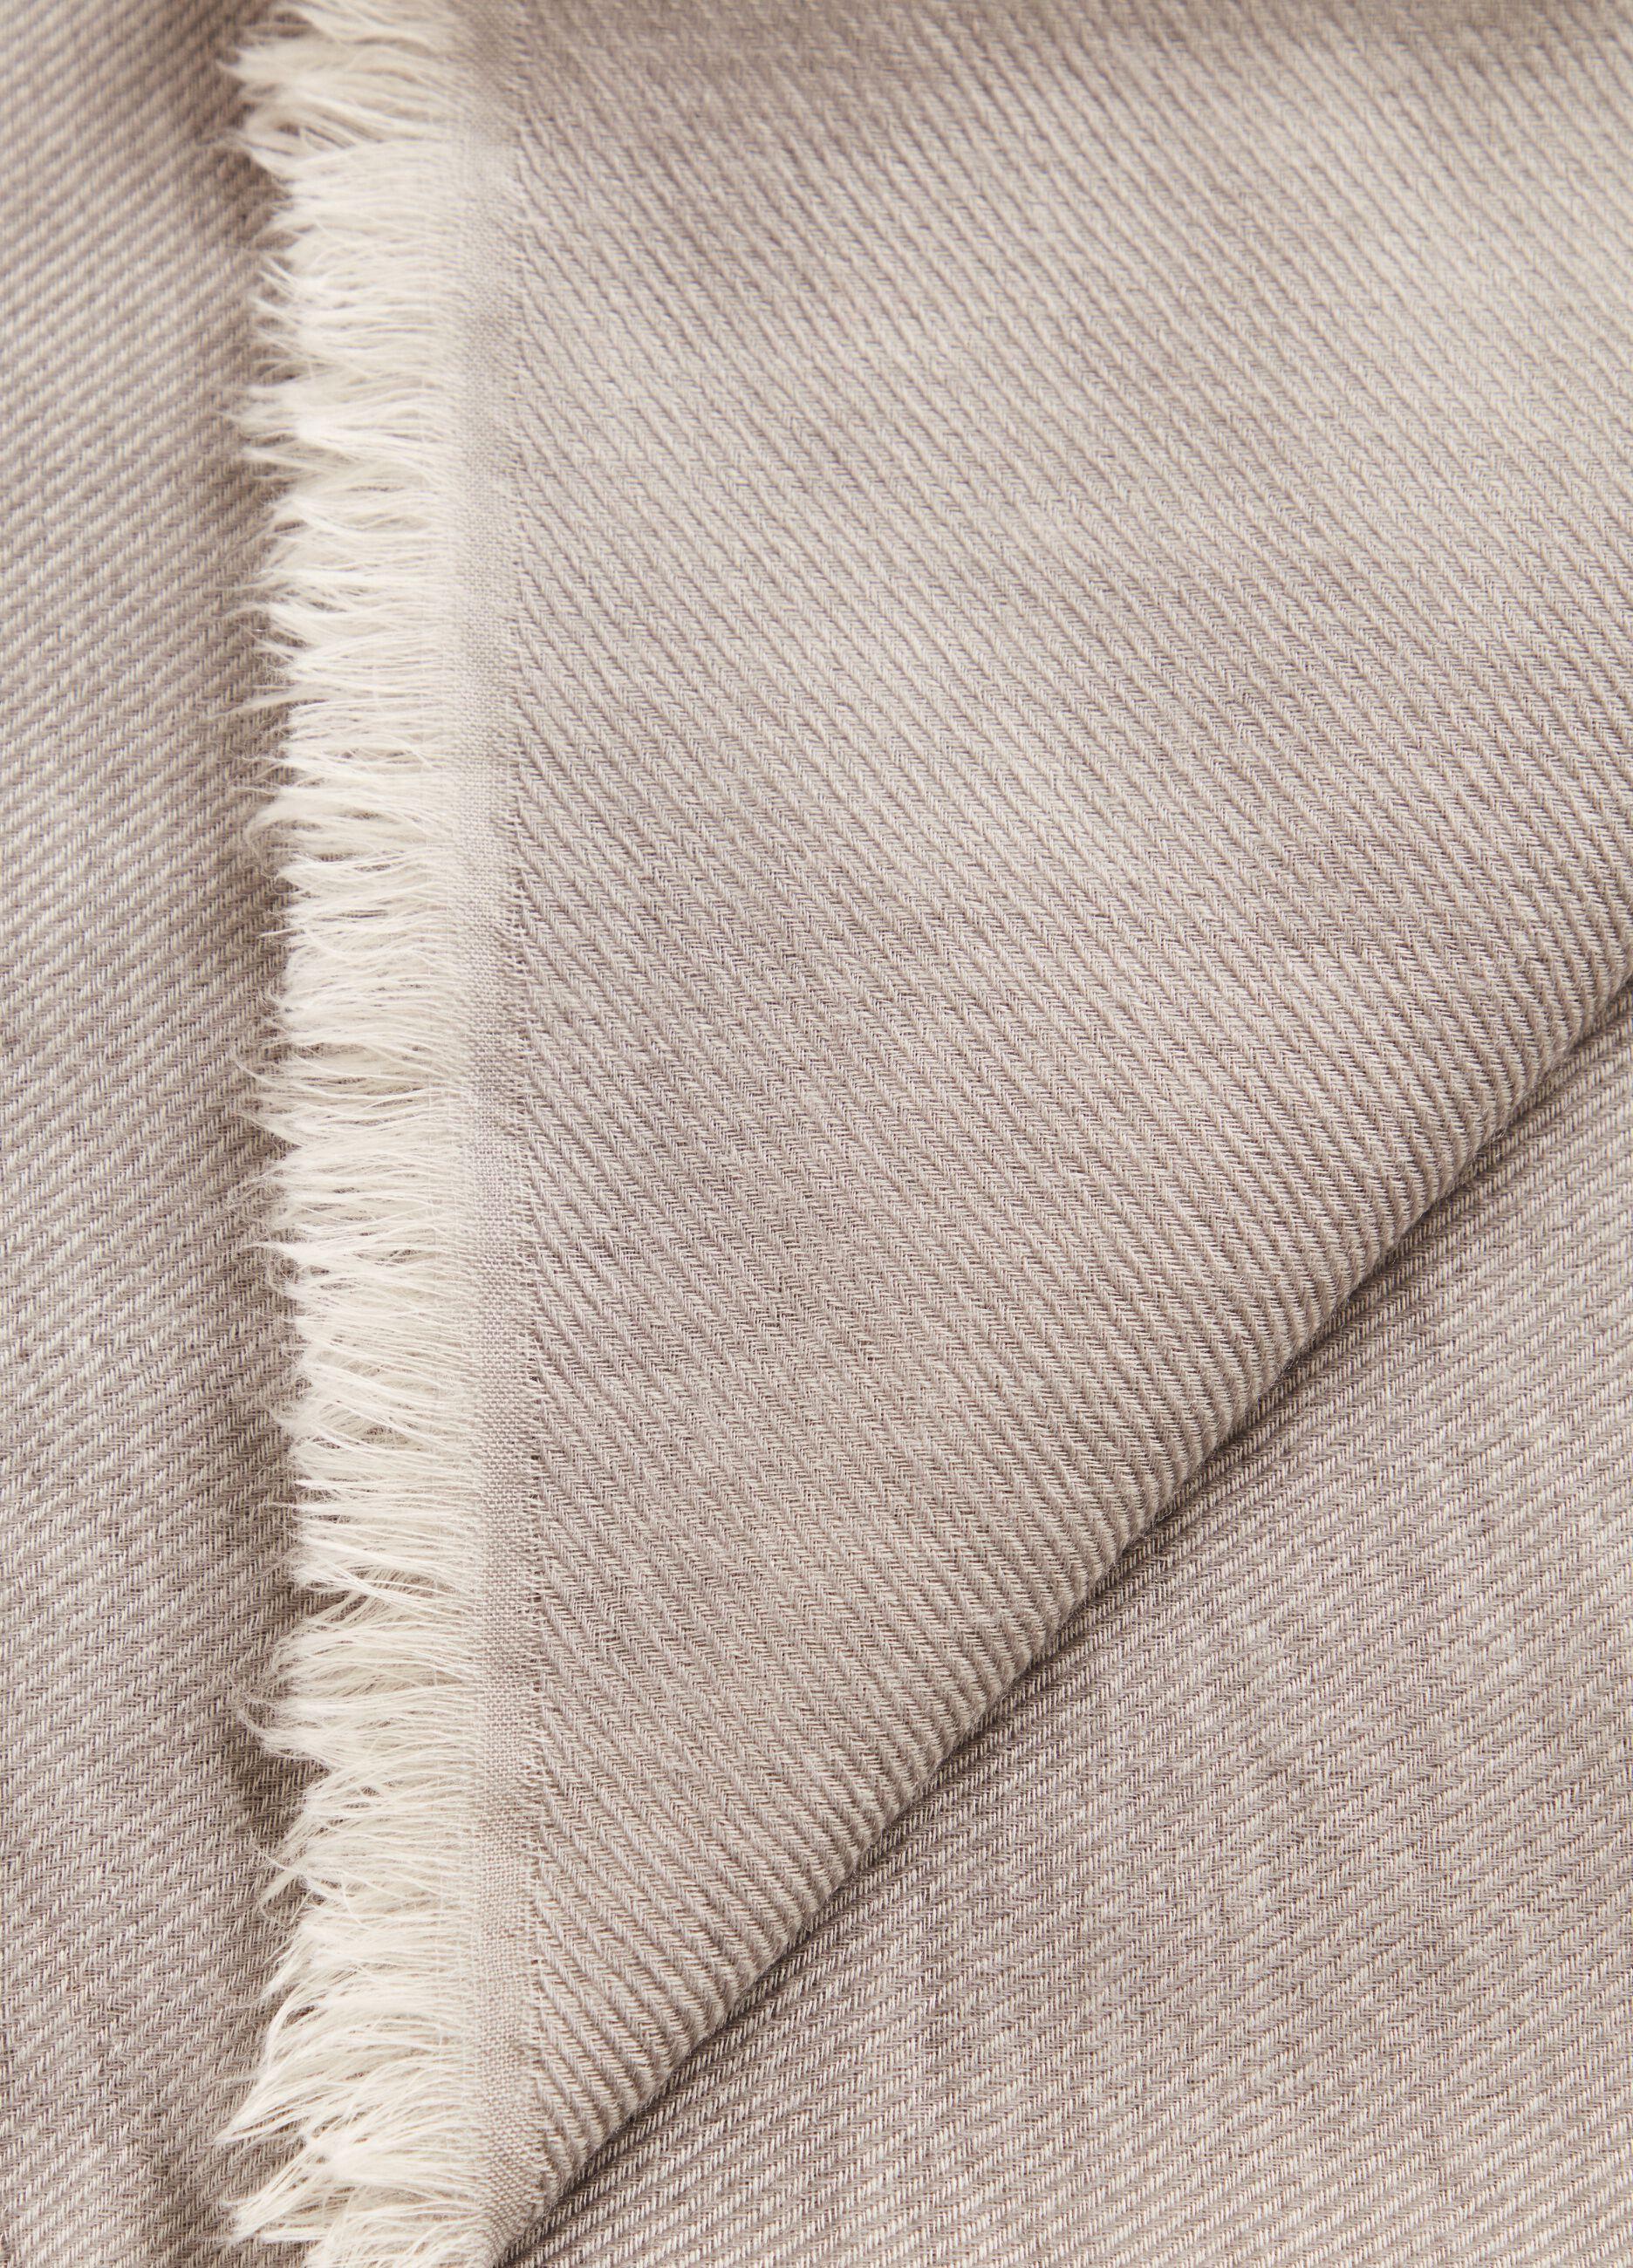 Sciarpa in lana con orlo sfrangiato Grigio